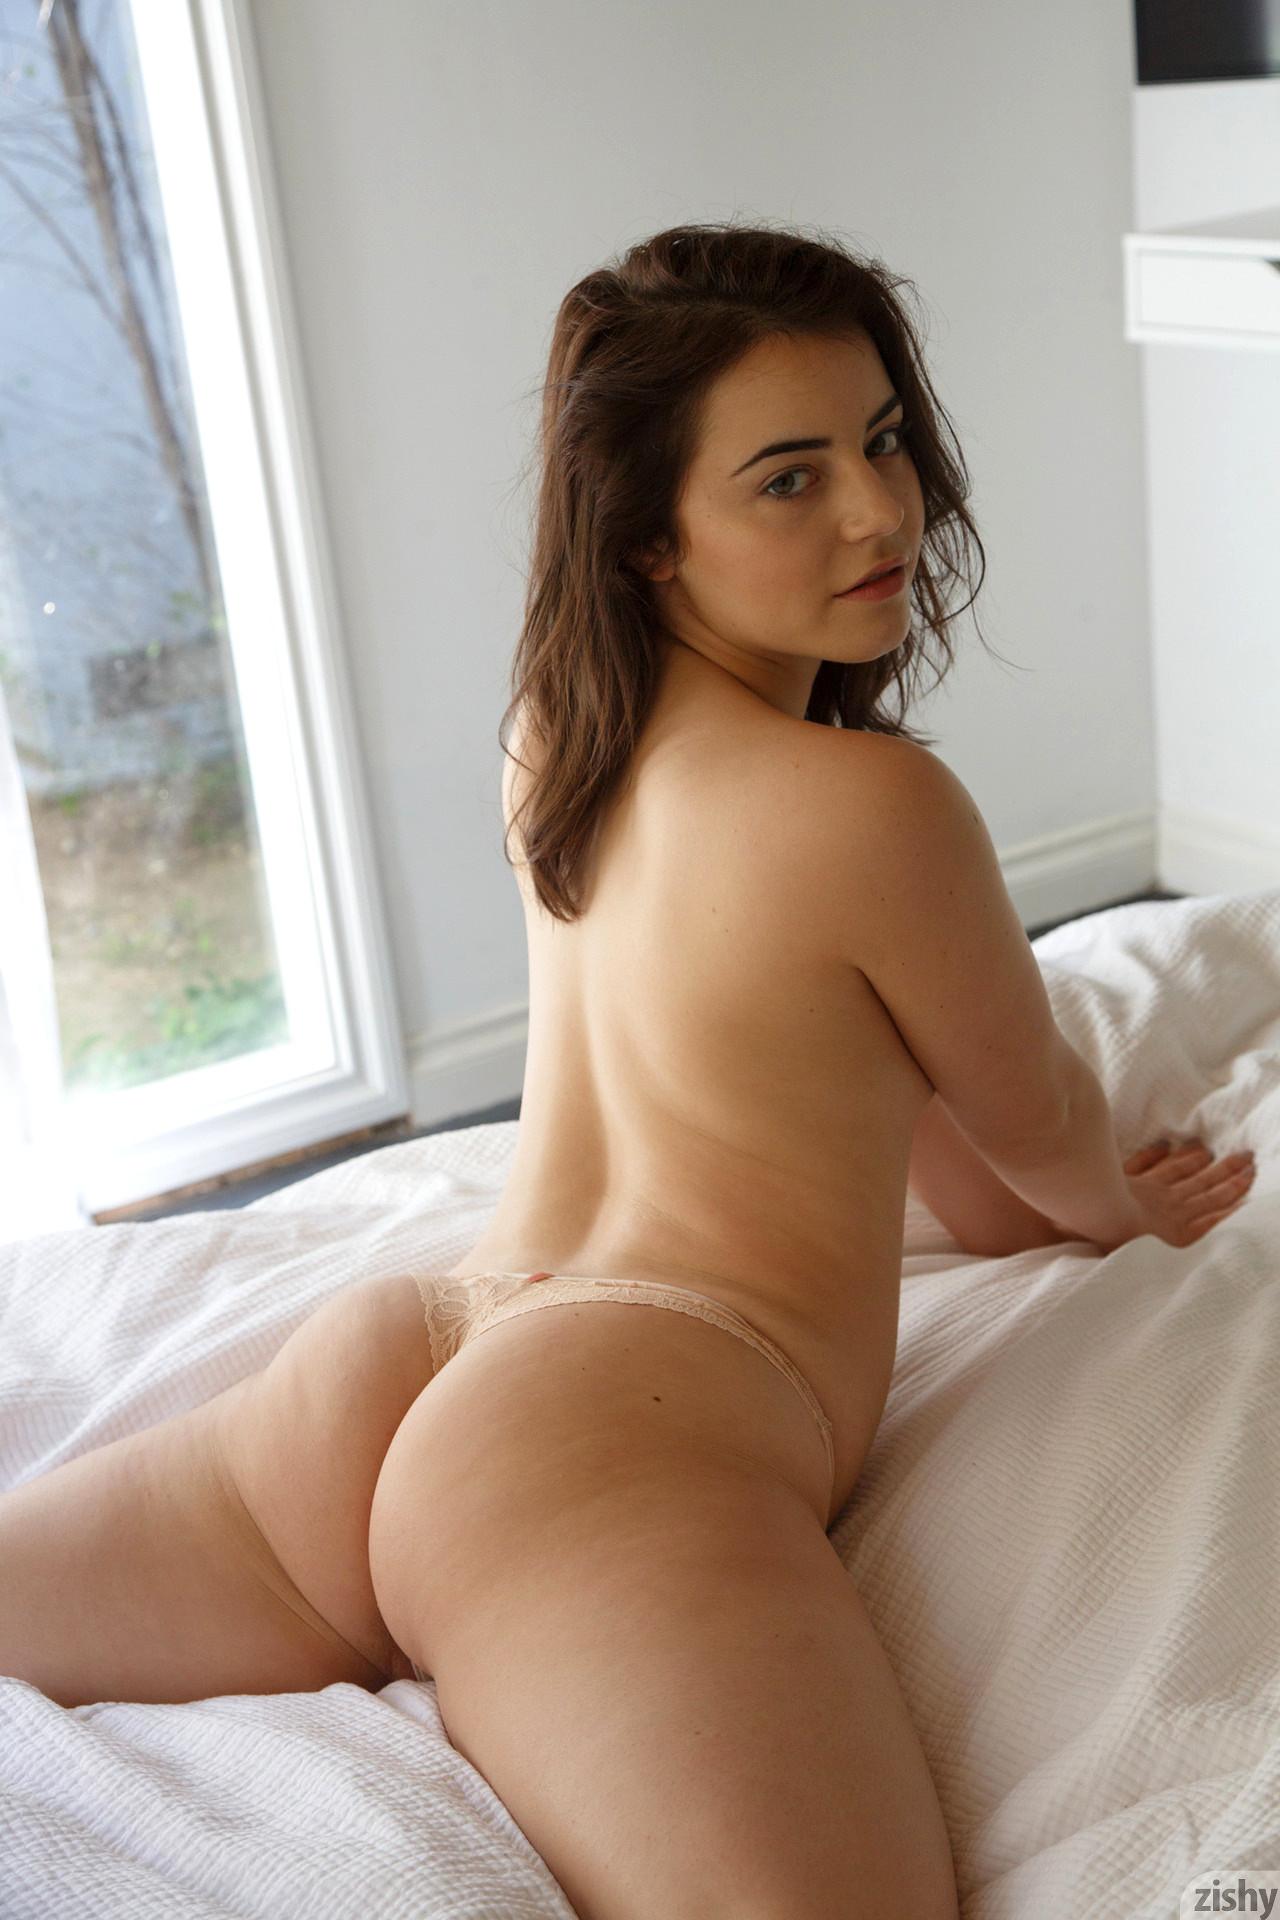 Kylie quinn pussy